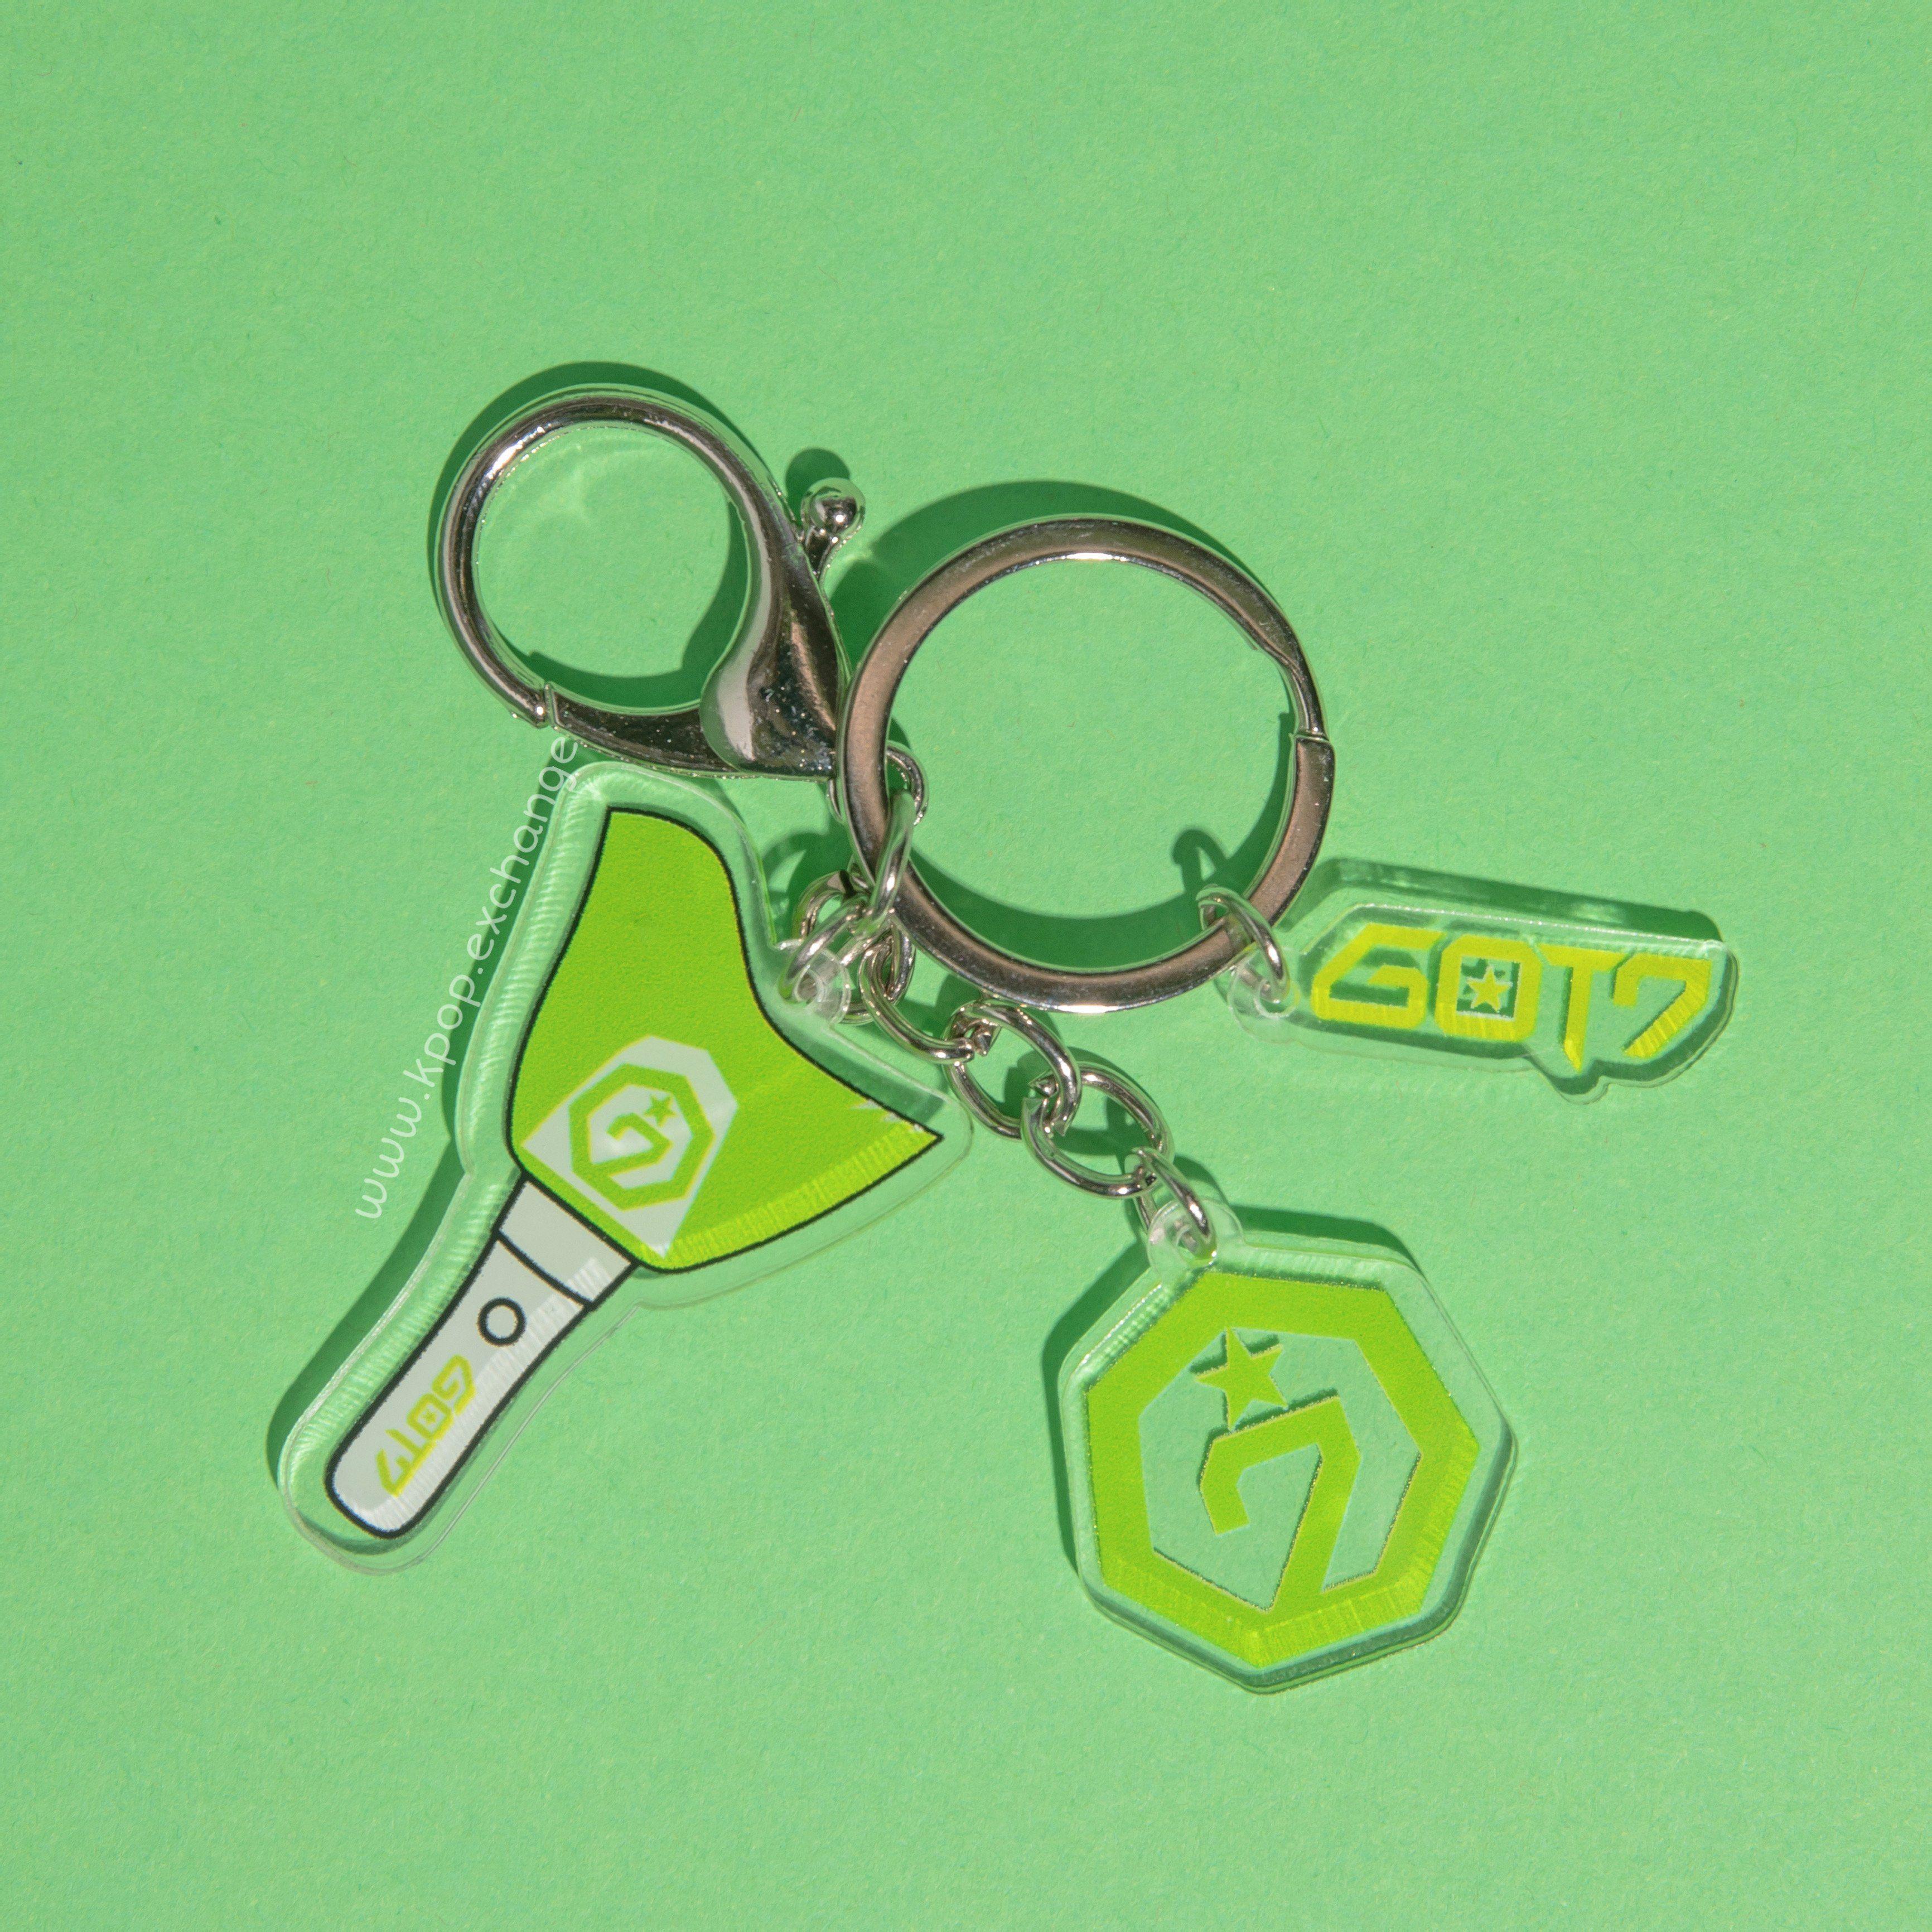 got7 keychain by Kpop Exchange